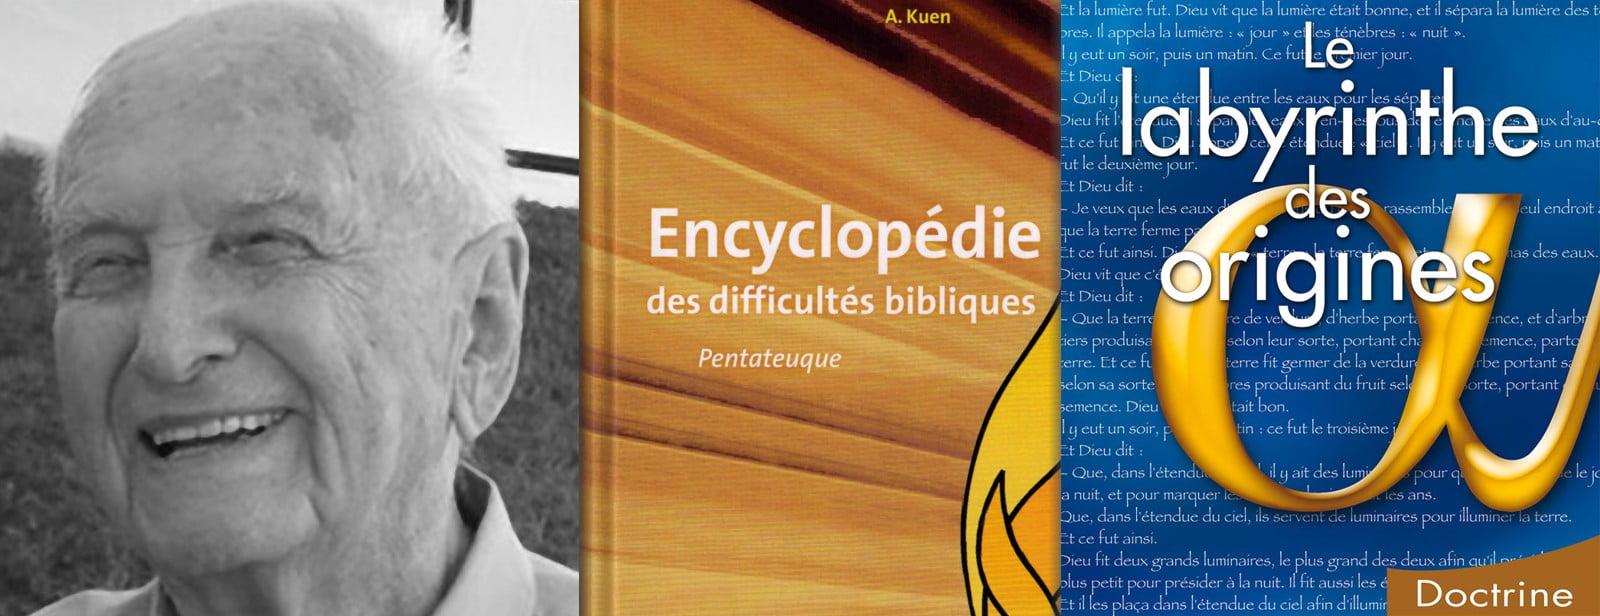 """La contribution d'Alfred Kuen au """"débat"""" science-foi chez les évangéliques"""